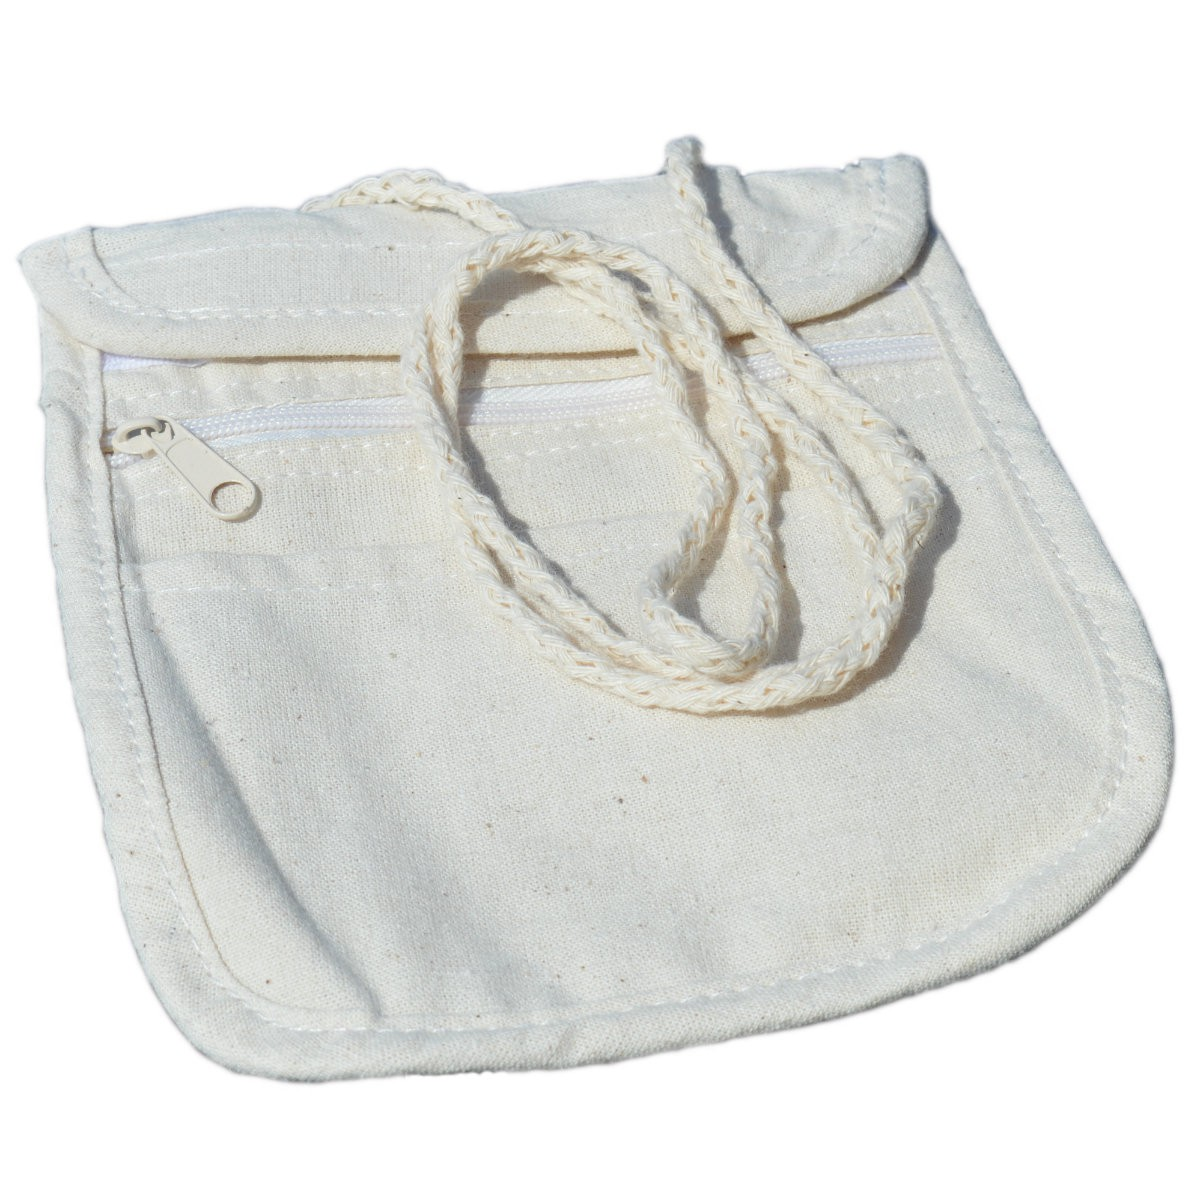 Brustbeutel Baumwolle natur, blanko zum Bemalen & Selbstgestalten 17x14cm